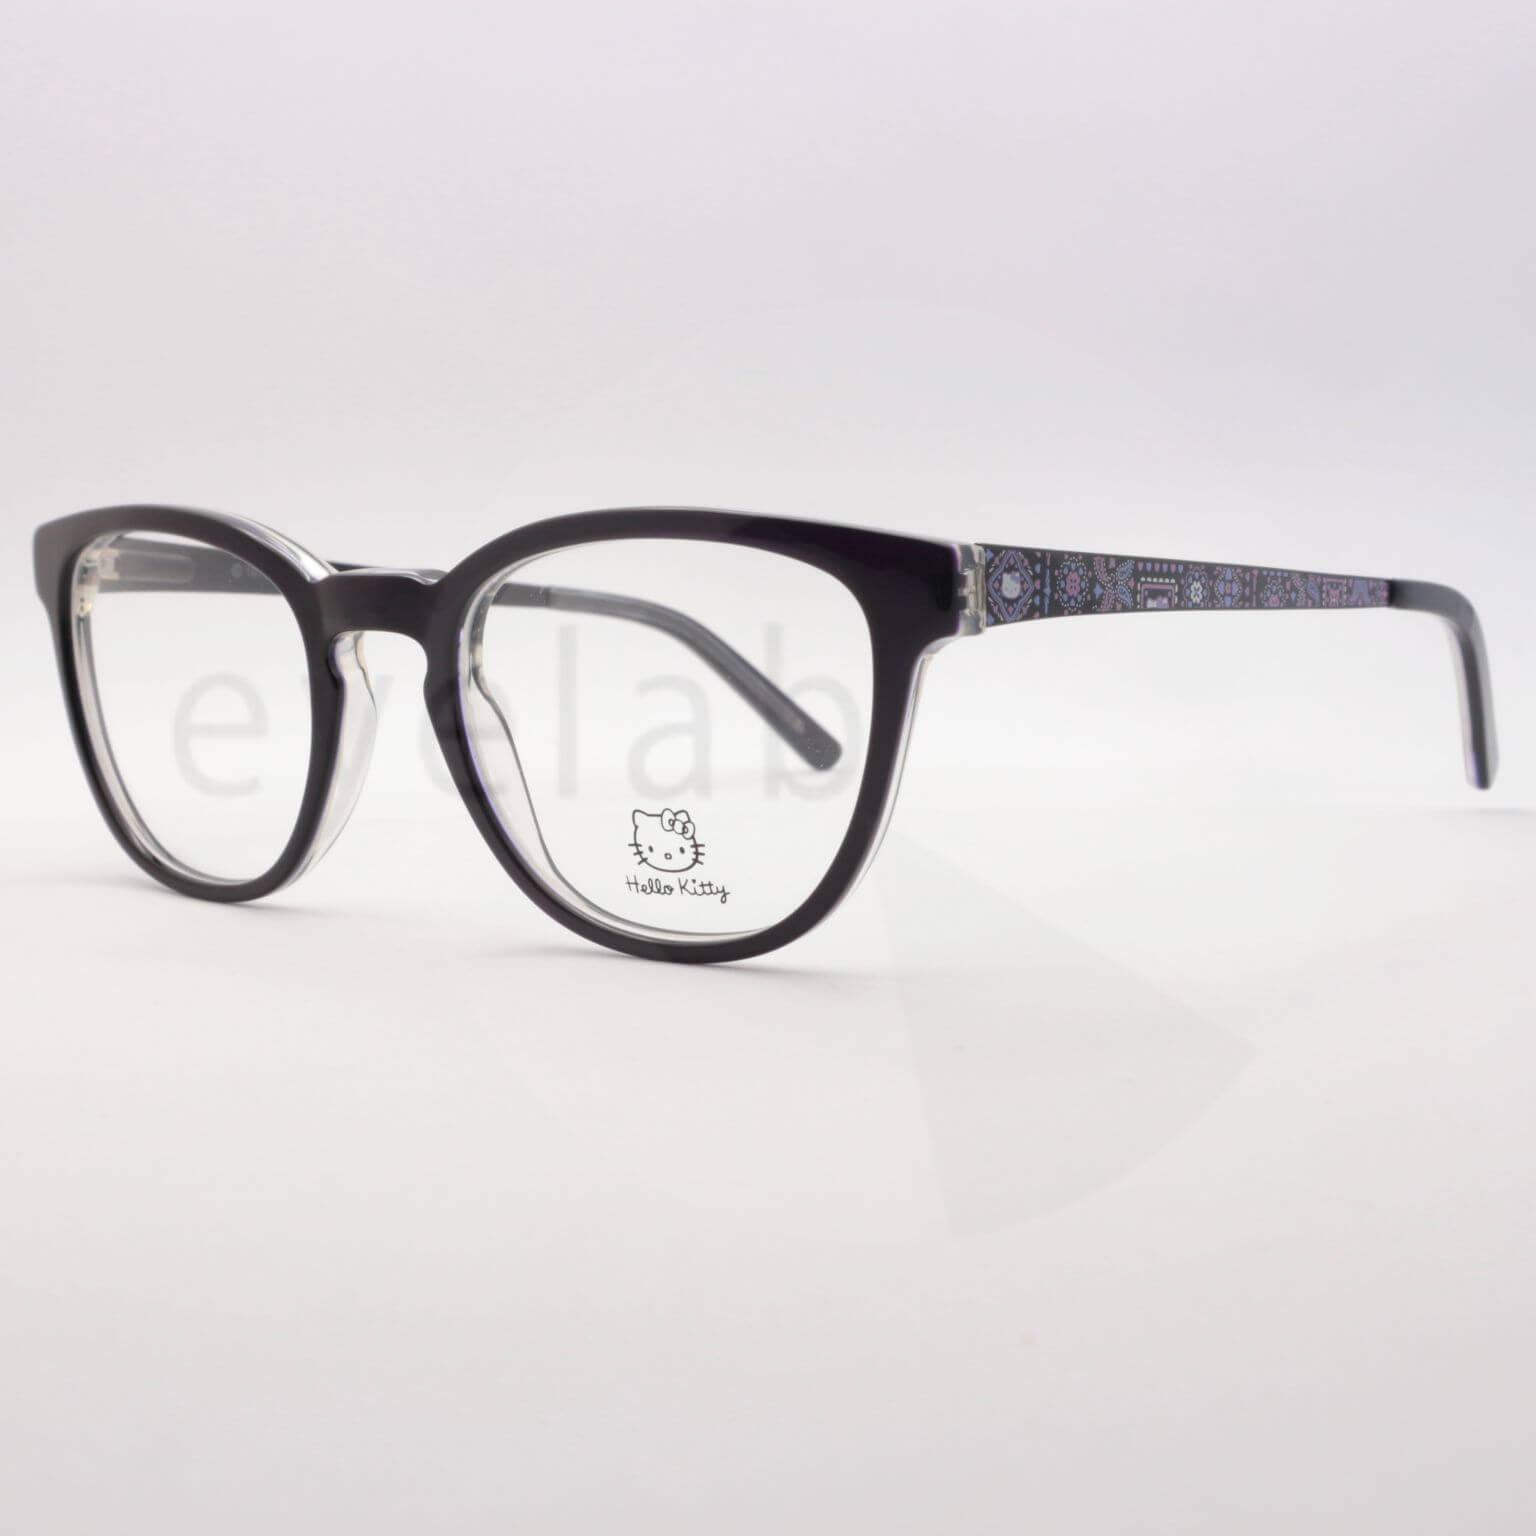 Παιδικά γυαλιά οράσεως Hello Kitty AM011 C01 ~ Eyelab 8ffffdd852e